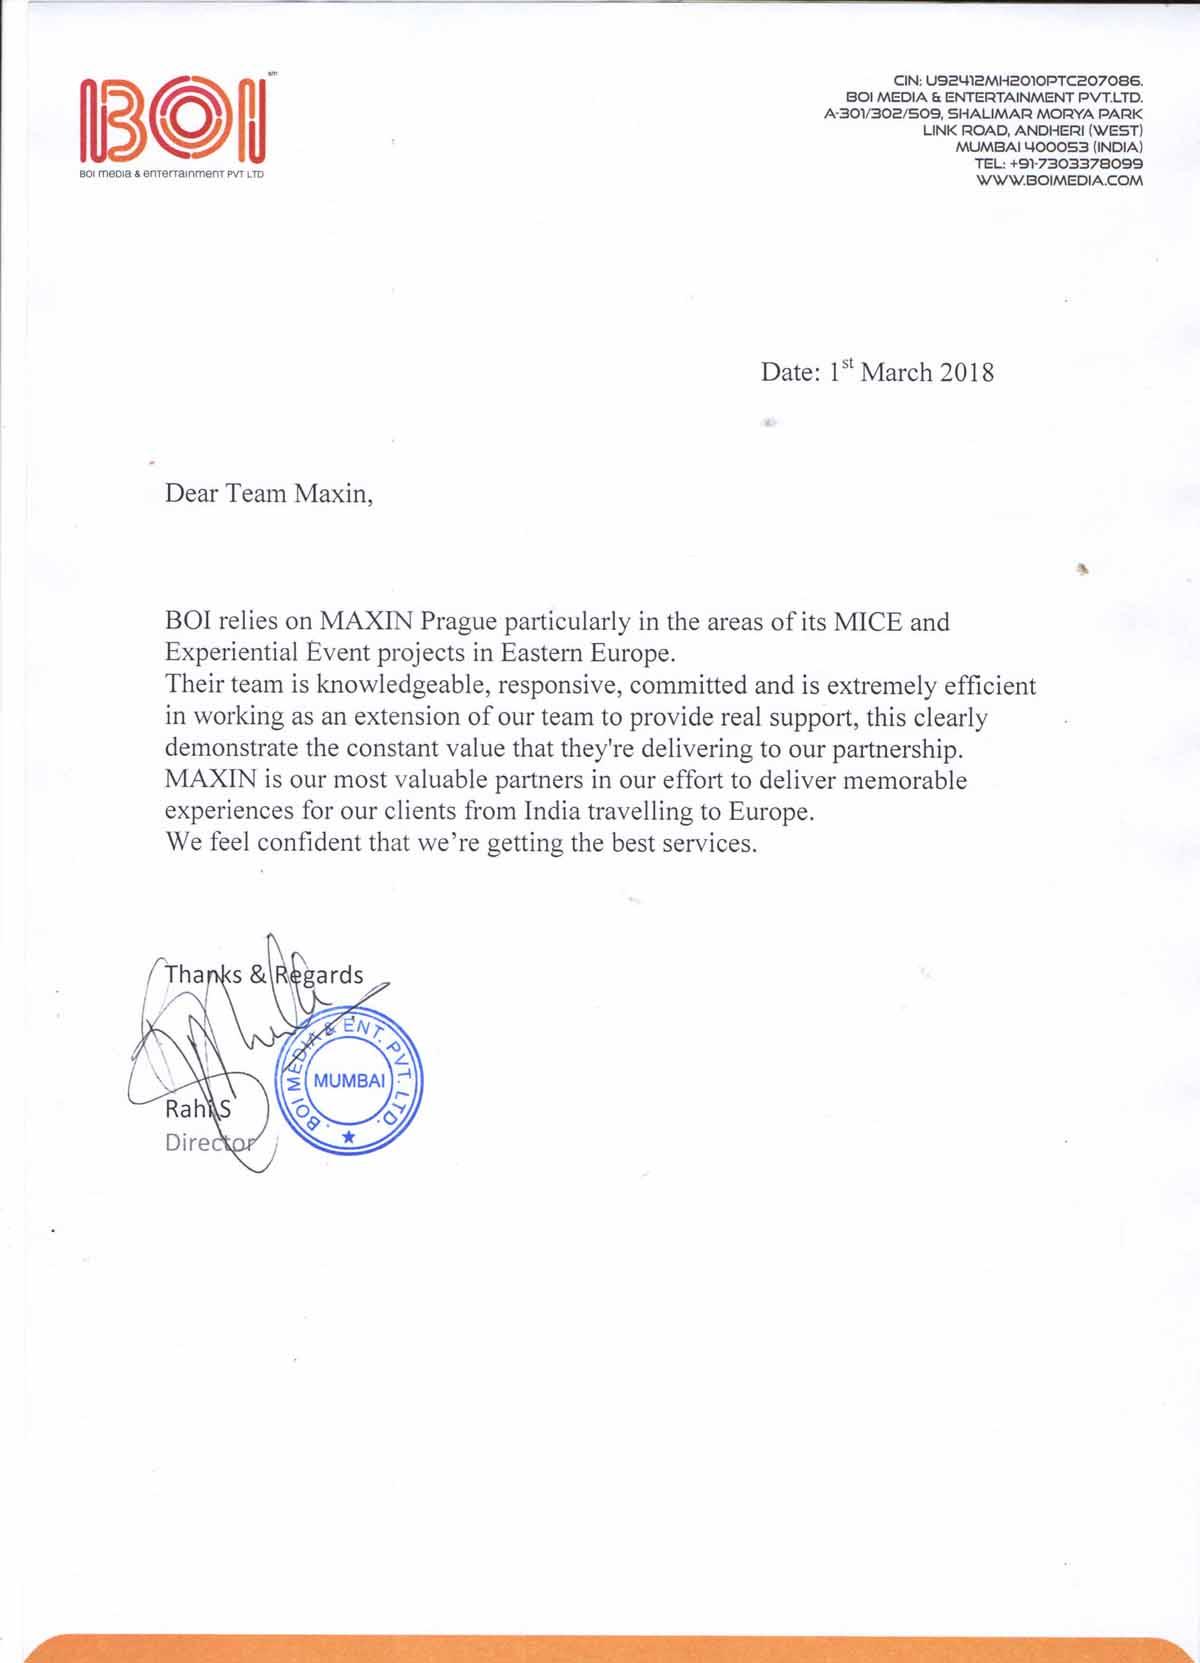 Maxin PRAGUE byl doručen tento krásný testimonial za úspěšnou organizaci konference a ceremoniálu předávání cen v Praze